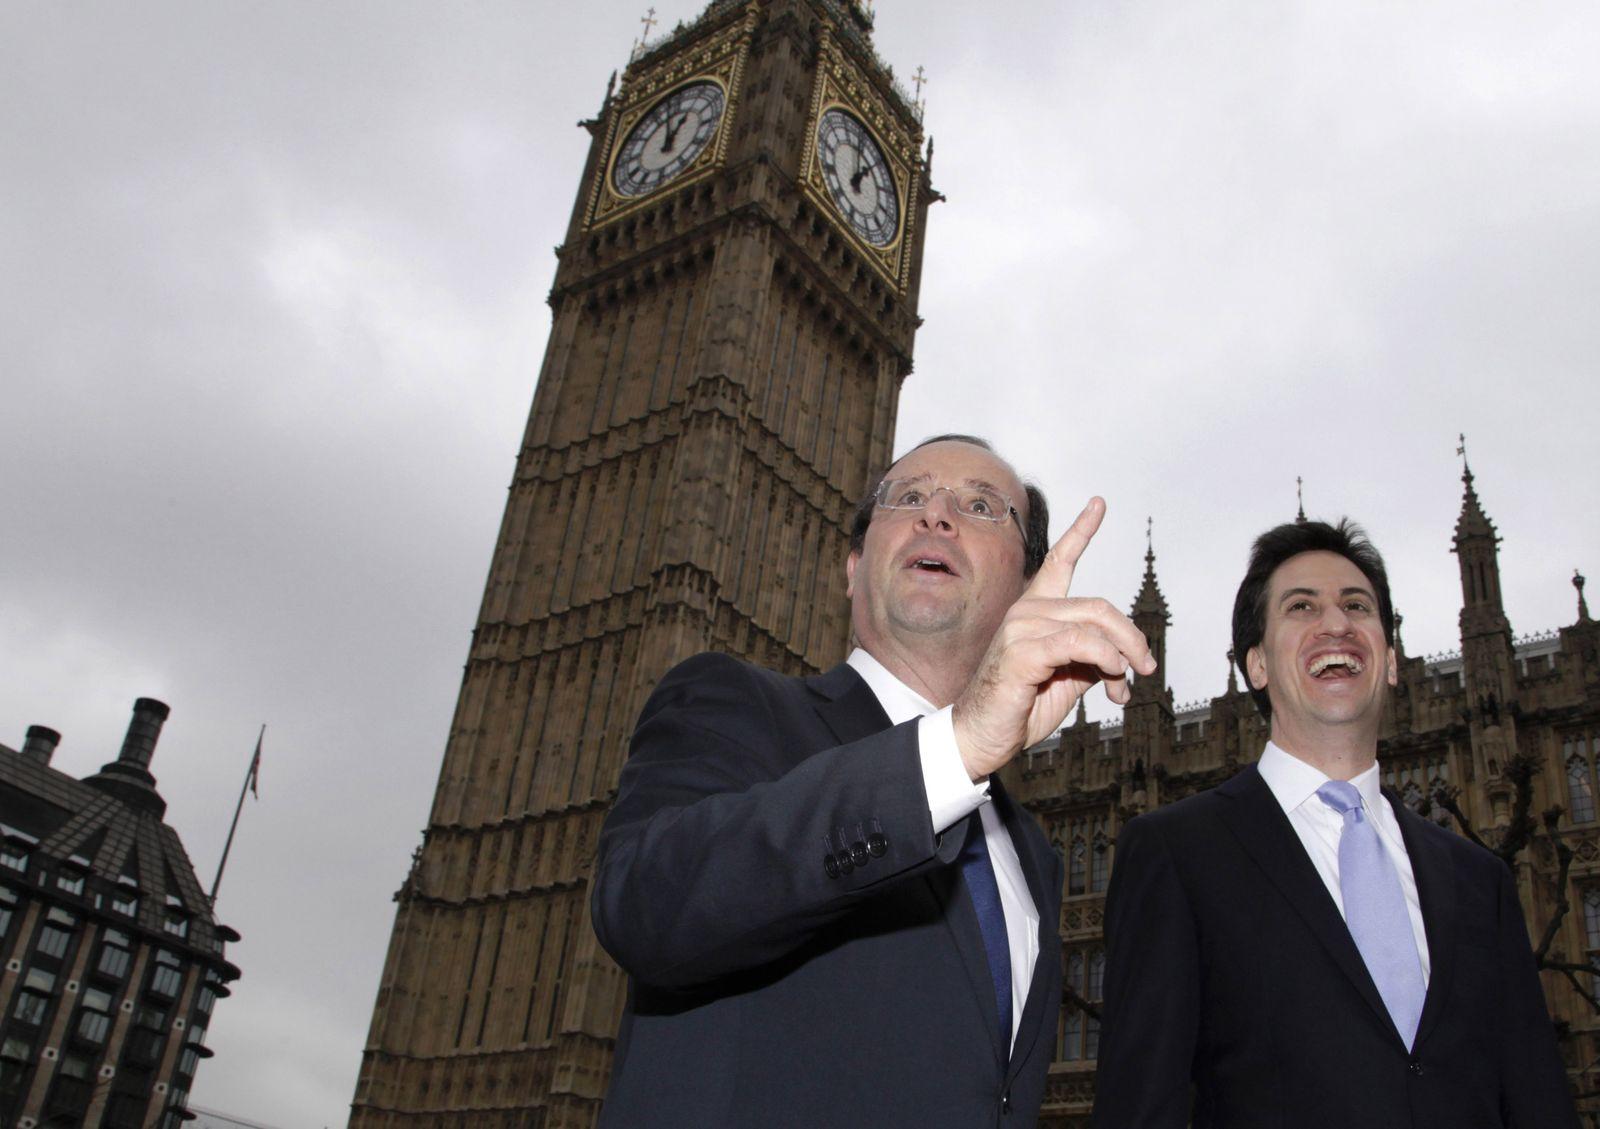 Hollande/ Miliband